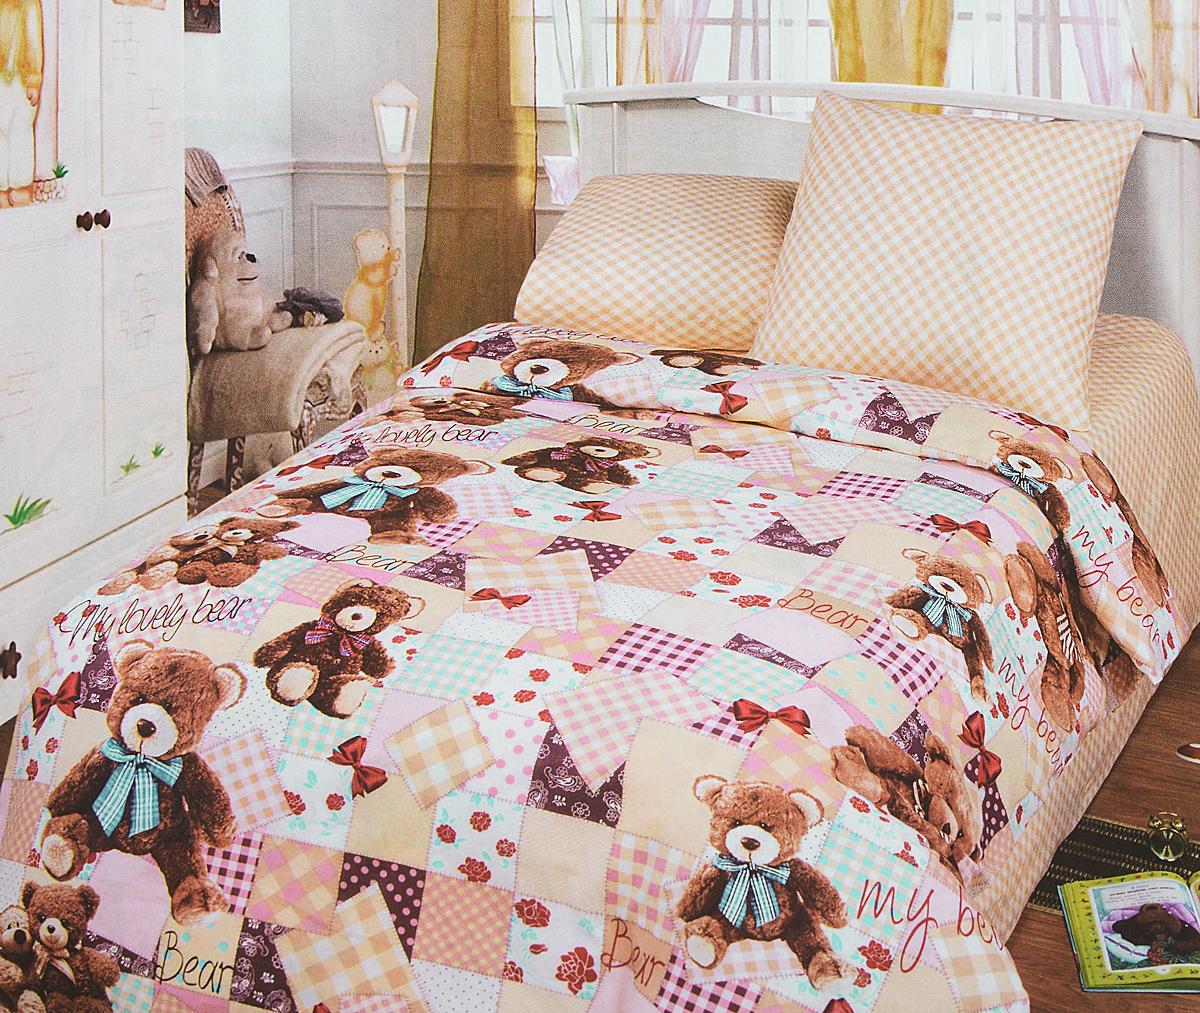 Комплект белья детский АртПостель Мой медвежонок, 1,5-спальный, наволочки 70x70. 112 комплект белья детский артпостель детский парк 1 5 спальный наволочки 70x70 100